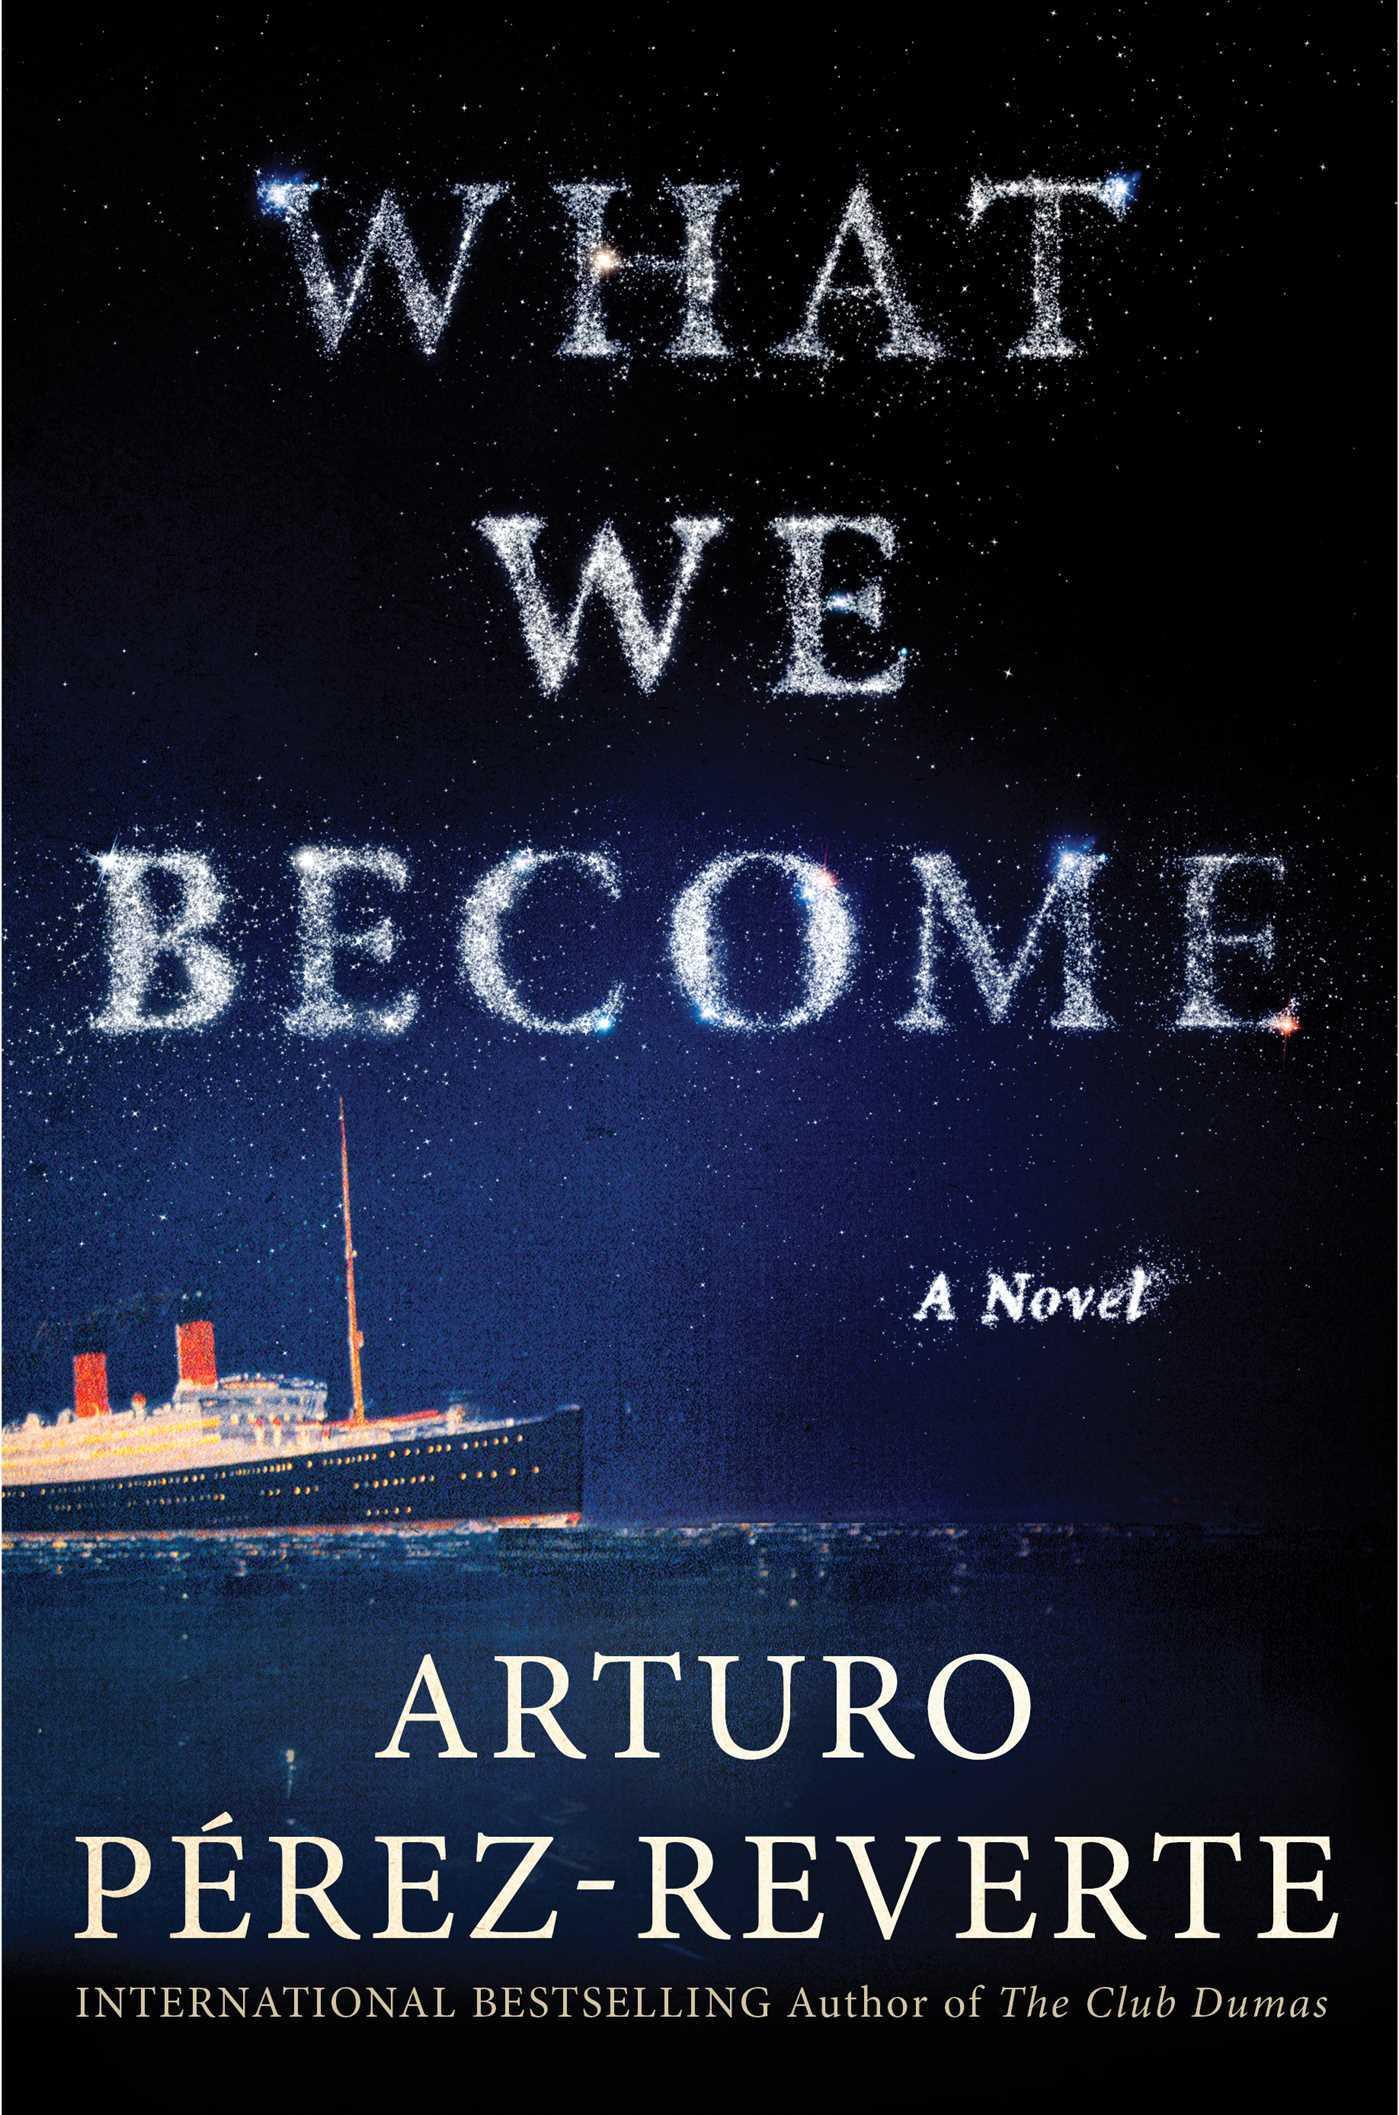 What We Become: A Novel Arturo Pérez-Reverte